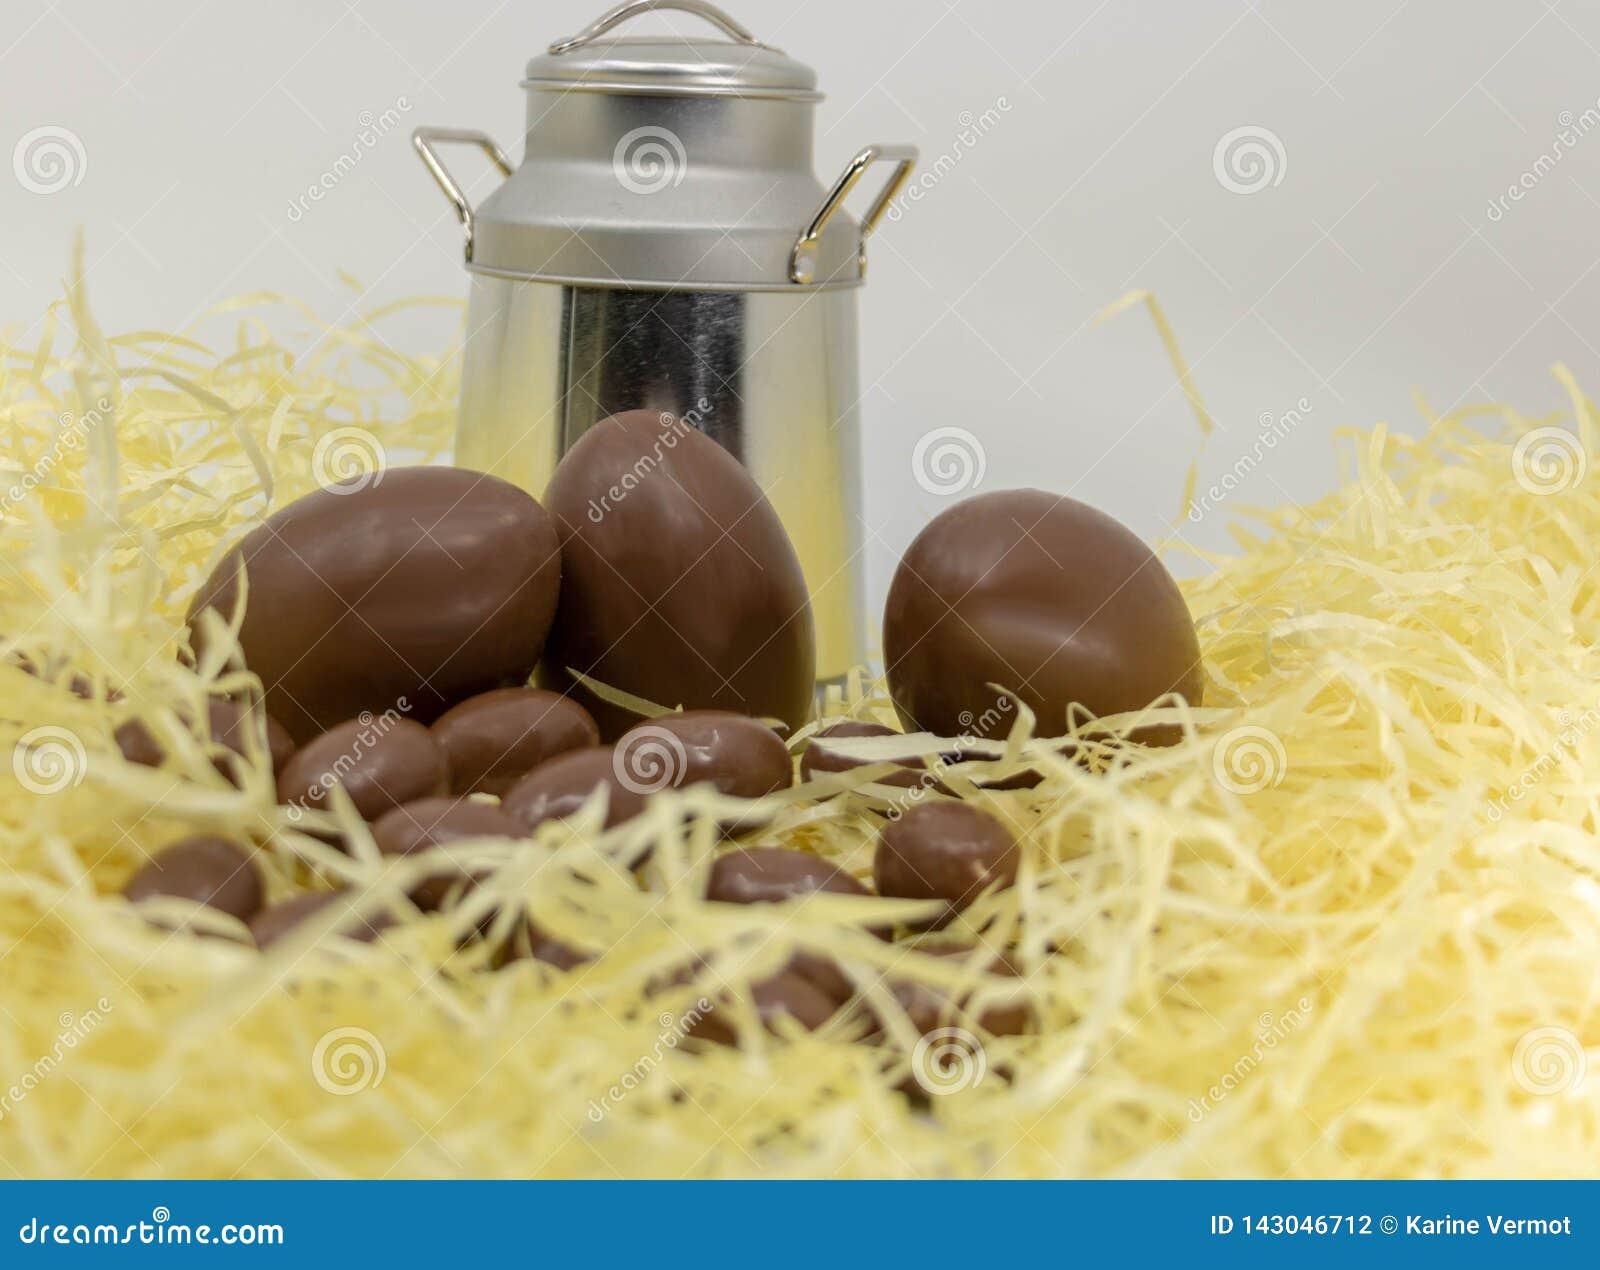 Wielkanoc na gospodarstwie rolnym, nabiałach, czekoladowych jajkach i staromodnym dojnym dzbanku,